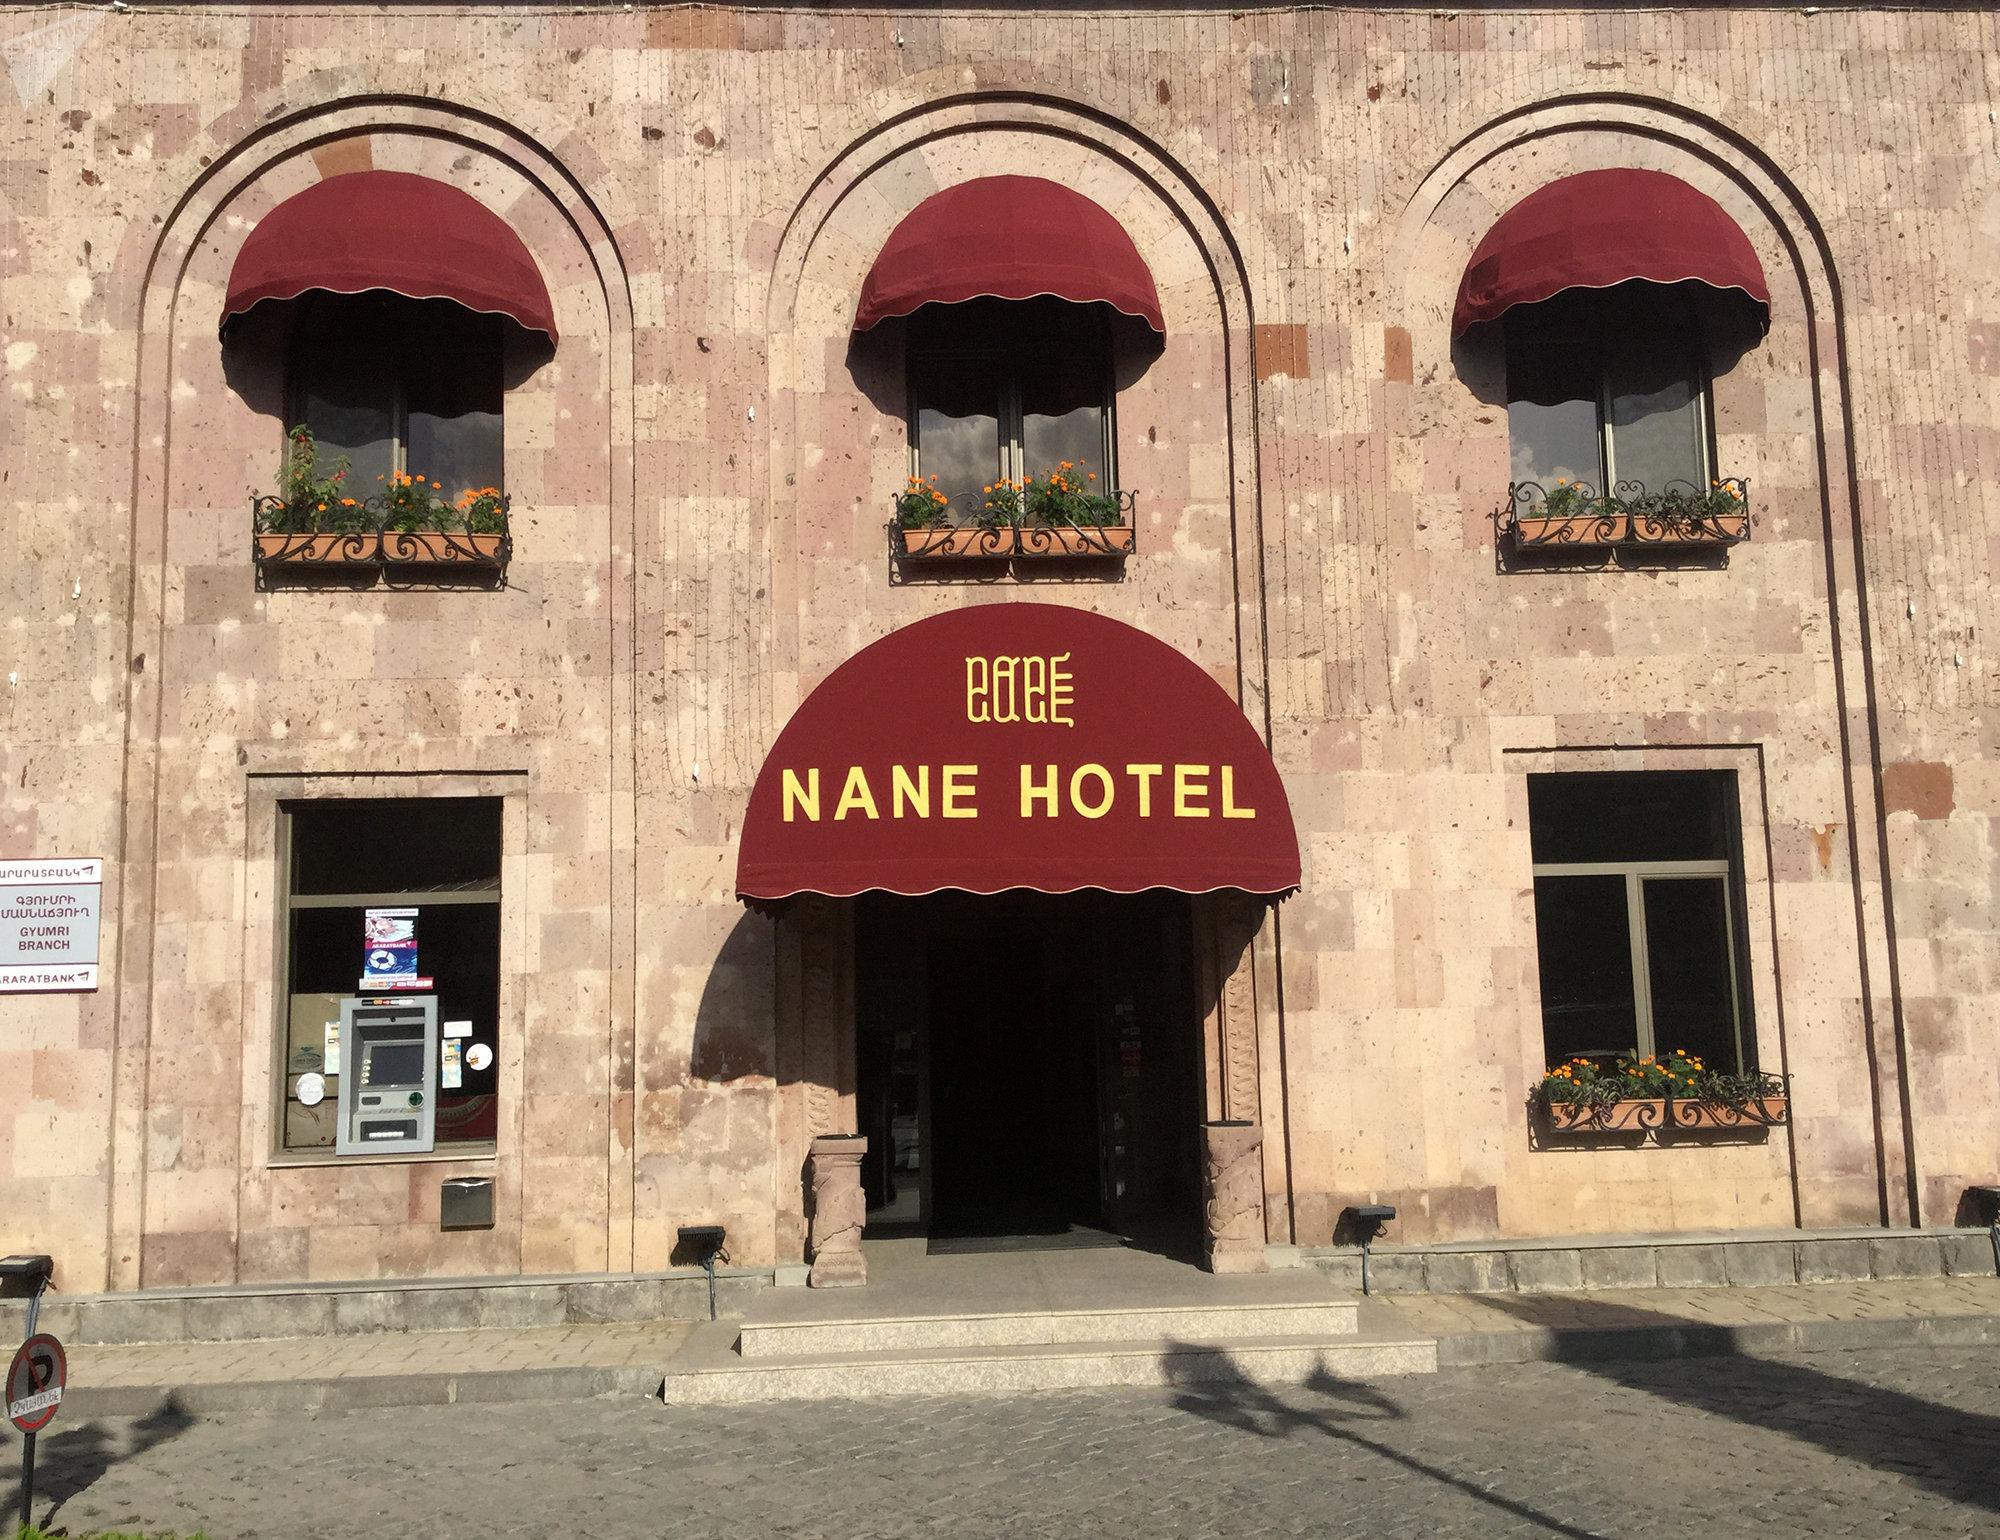 Гостиница Нане в Гюмри, где во время своего визита в Гюмри остановилась Ким Кардашьян